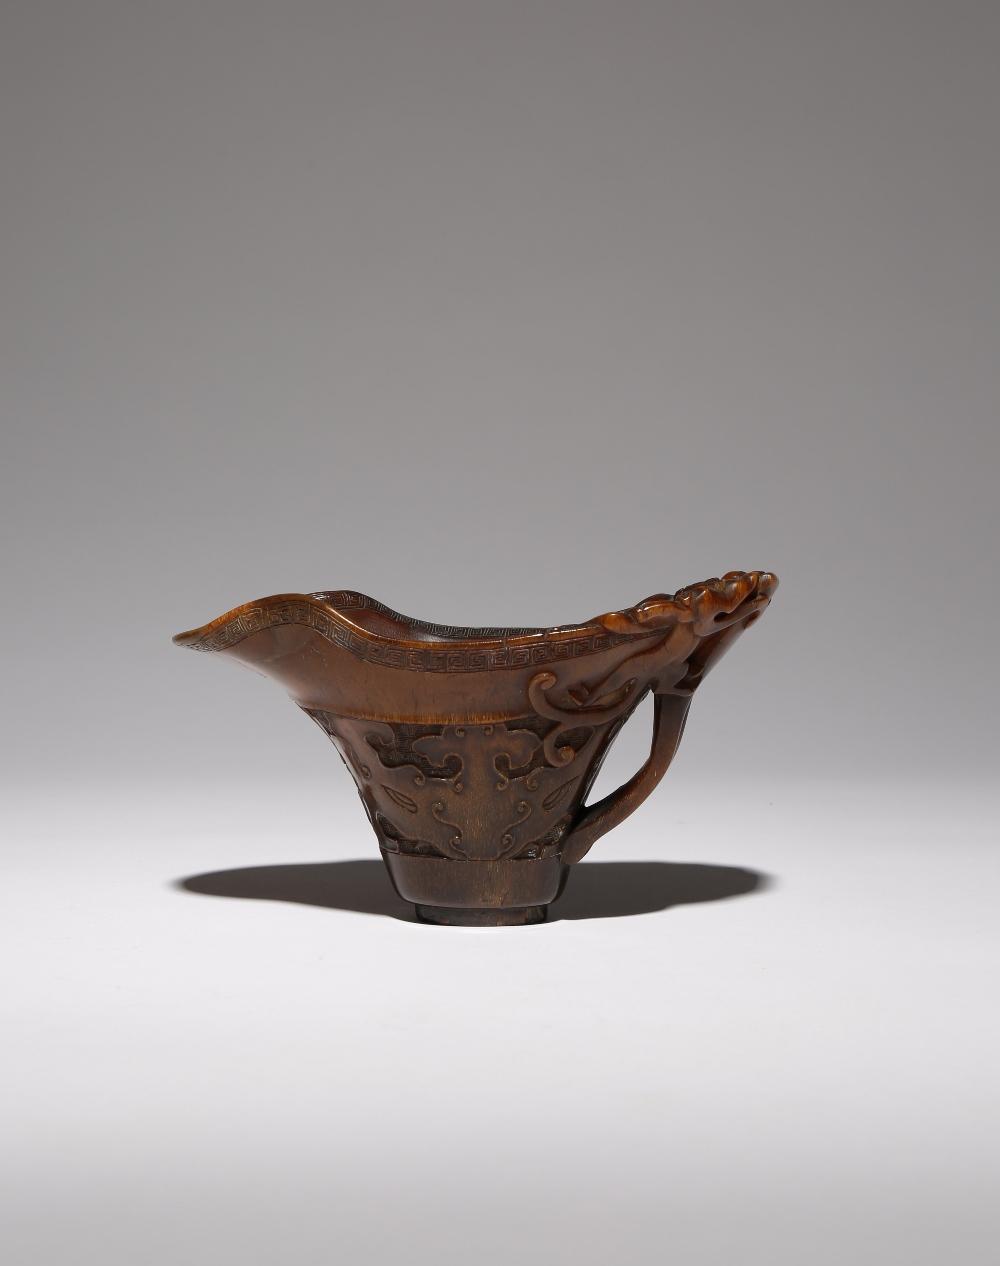 λ A CHINESE ARCHAISTIC RHINOCEROS HORN 'CHILONG' LIBATION CUP 17TH/18TH CENTURY The flared body - Image 2 of 3